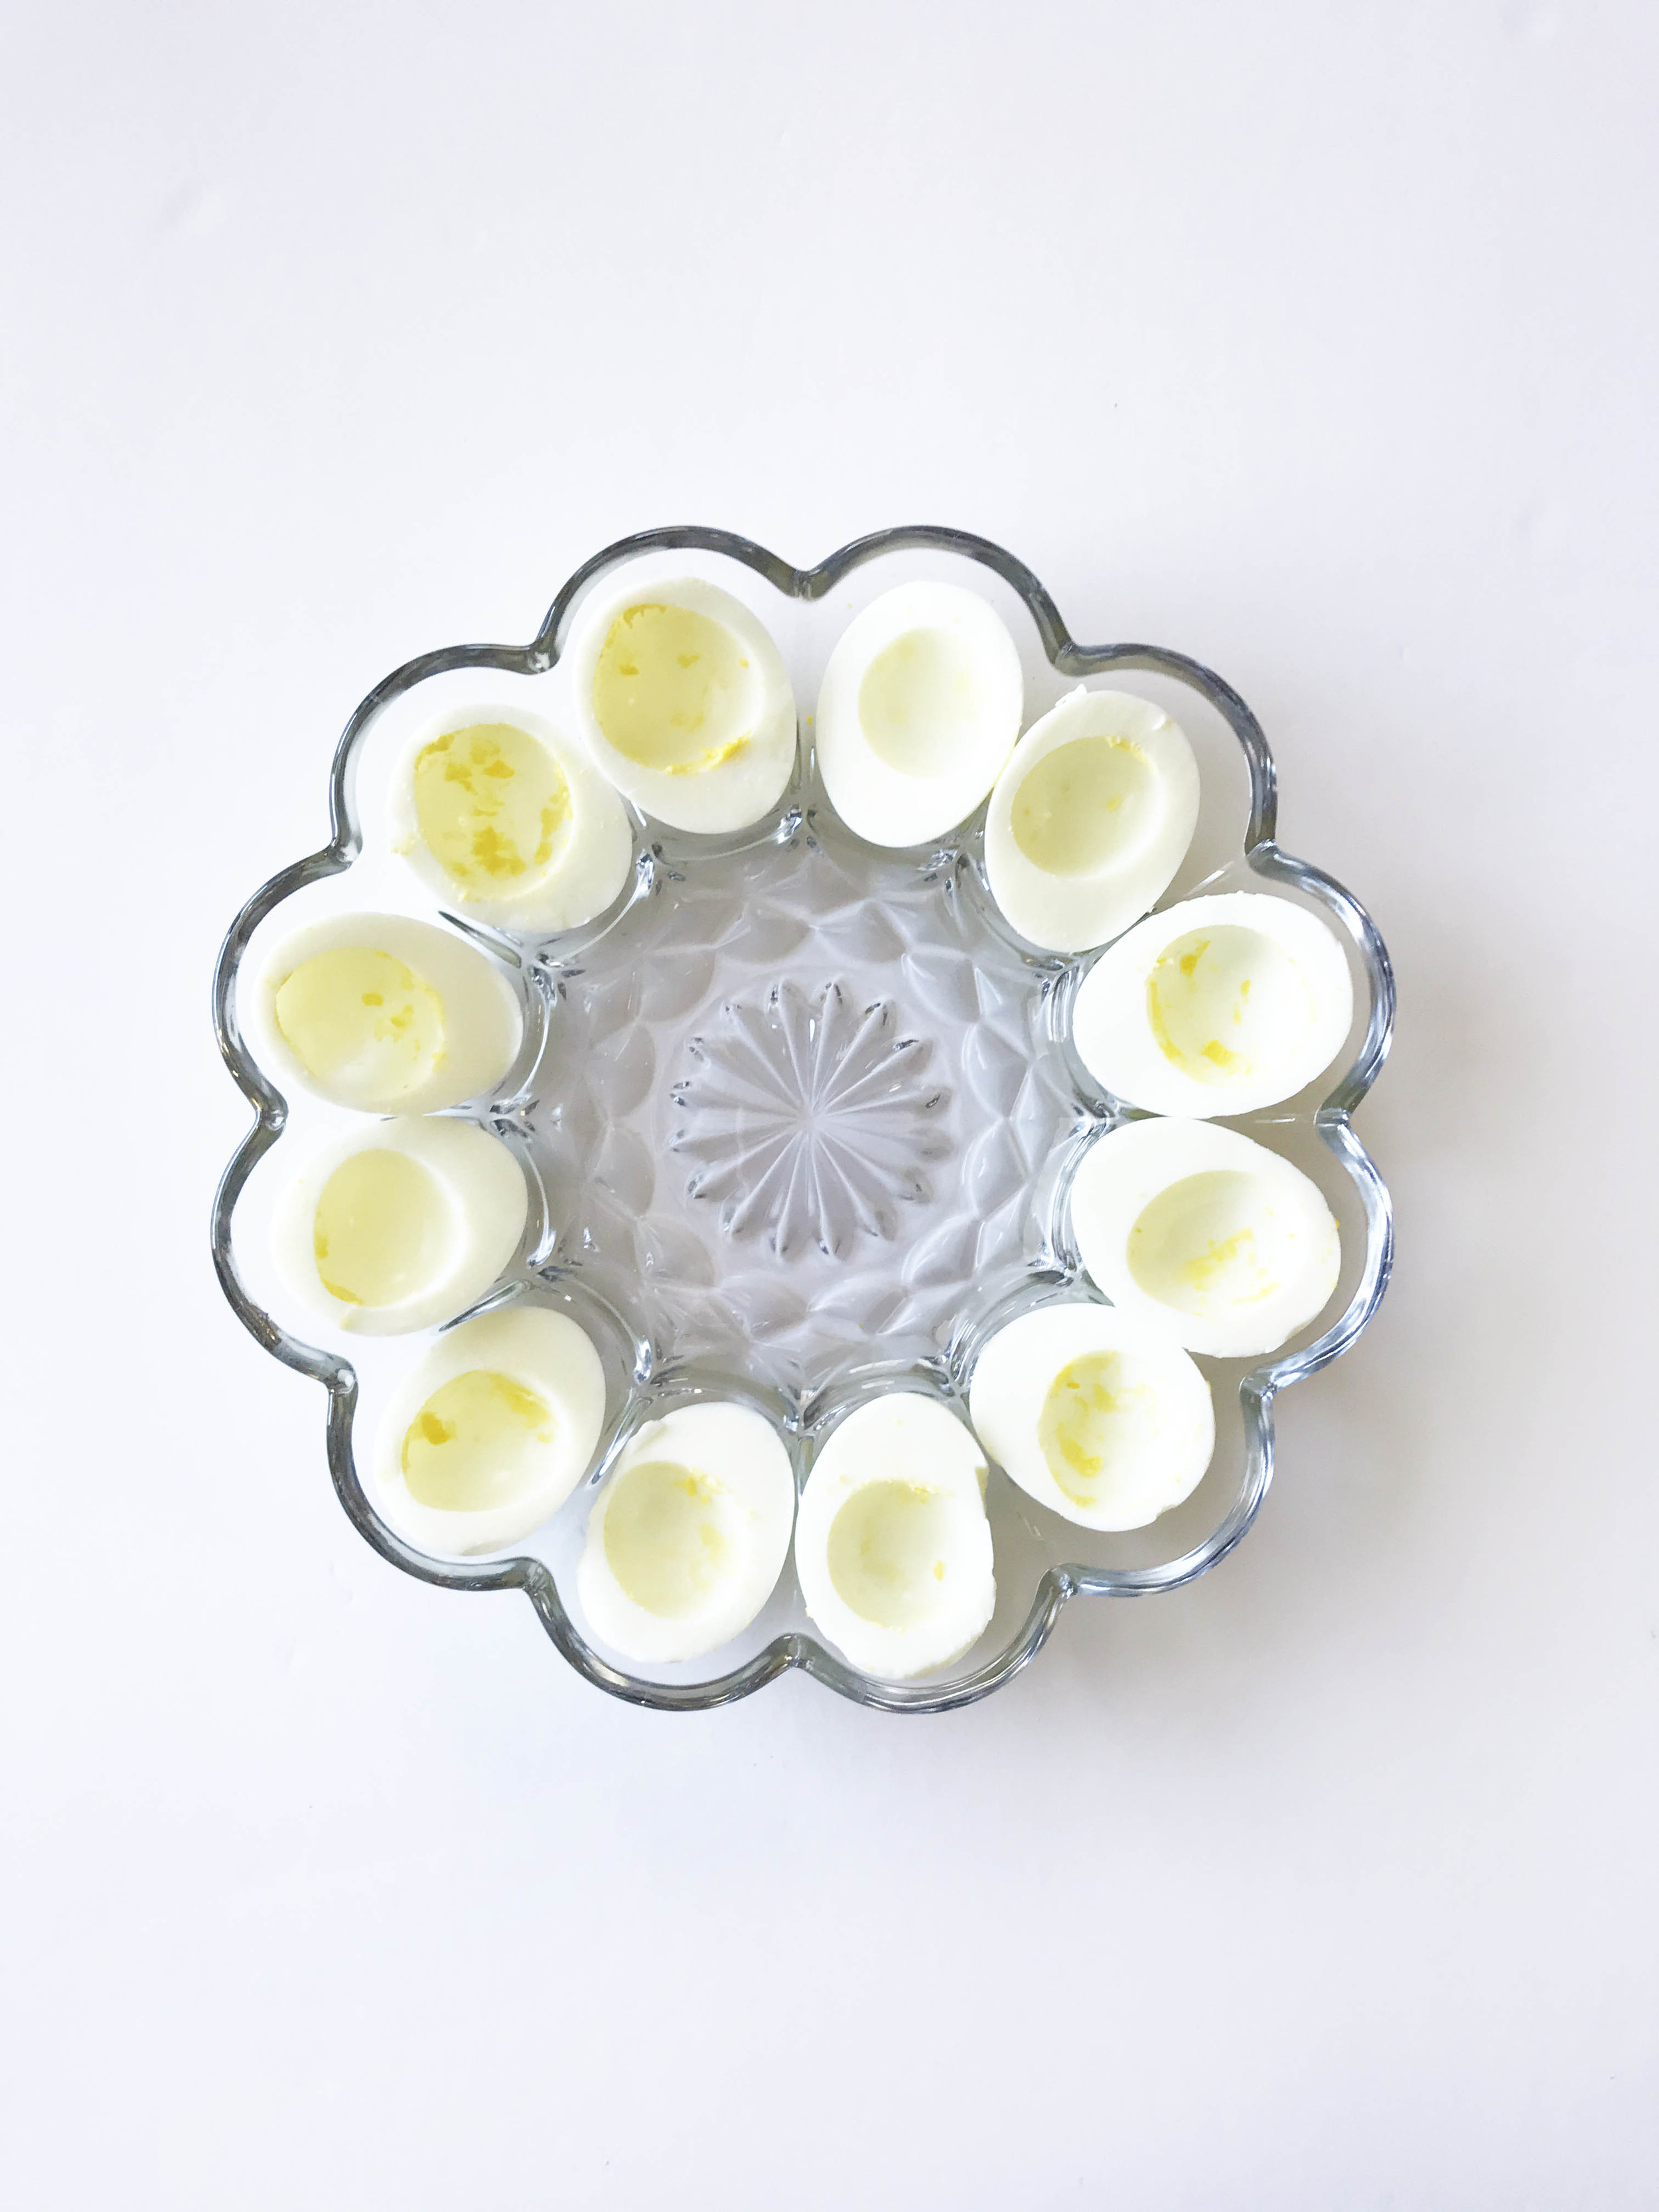 popper-deviled-eggs3.jpg